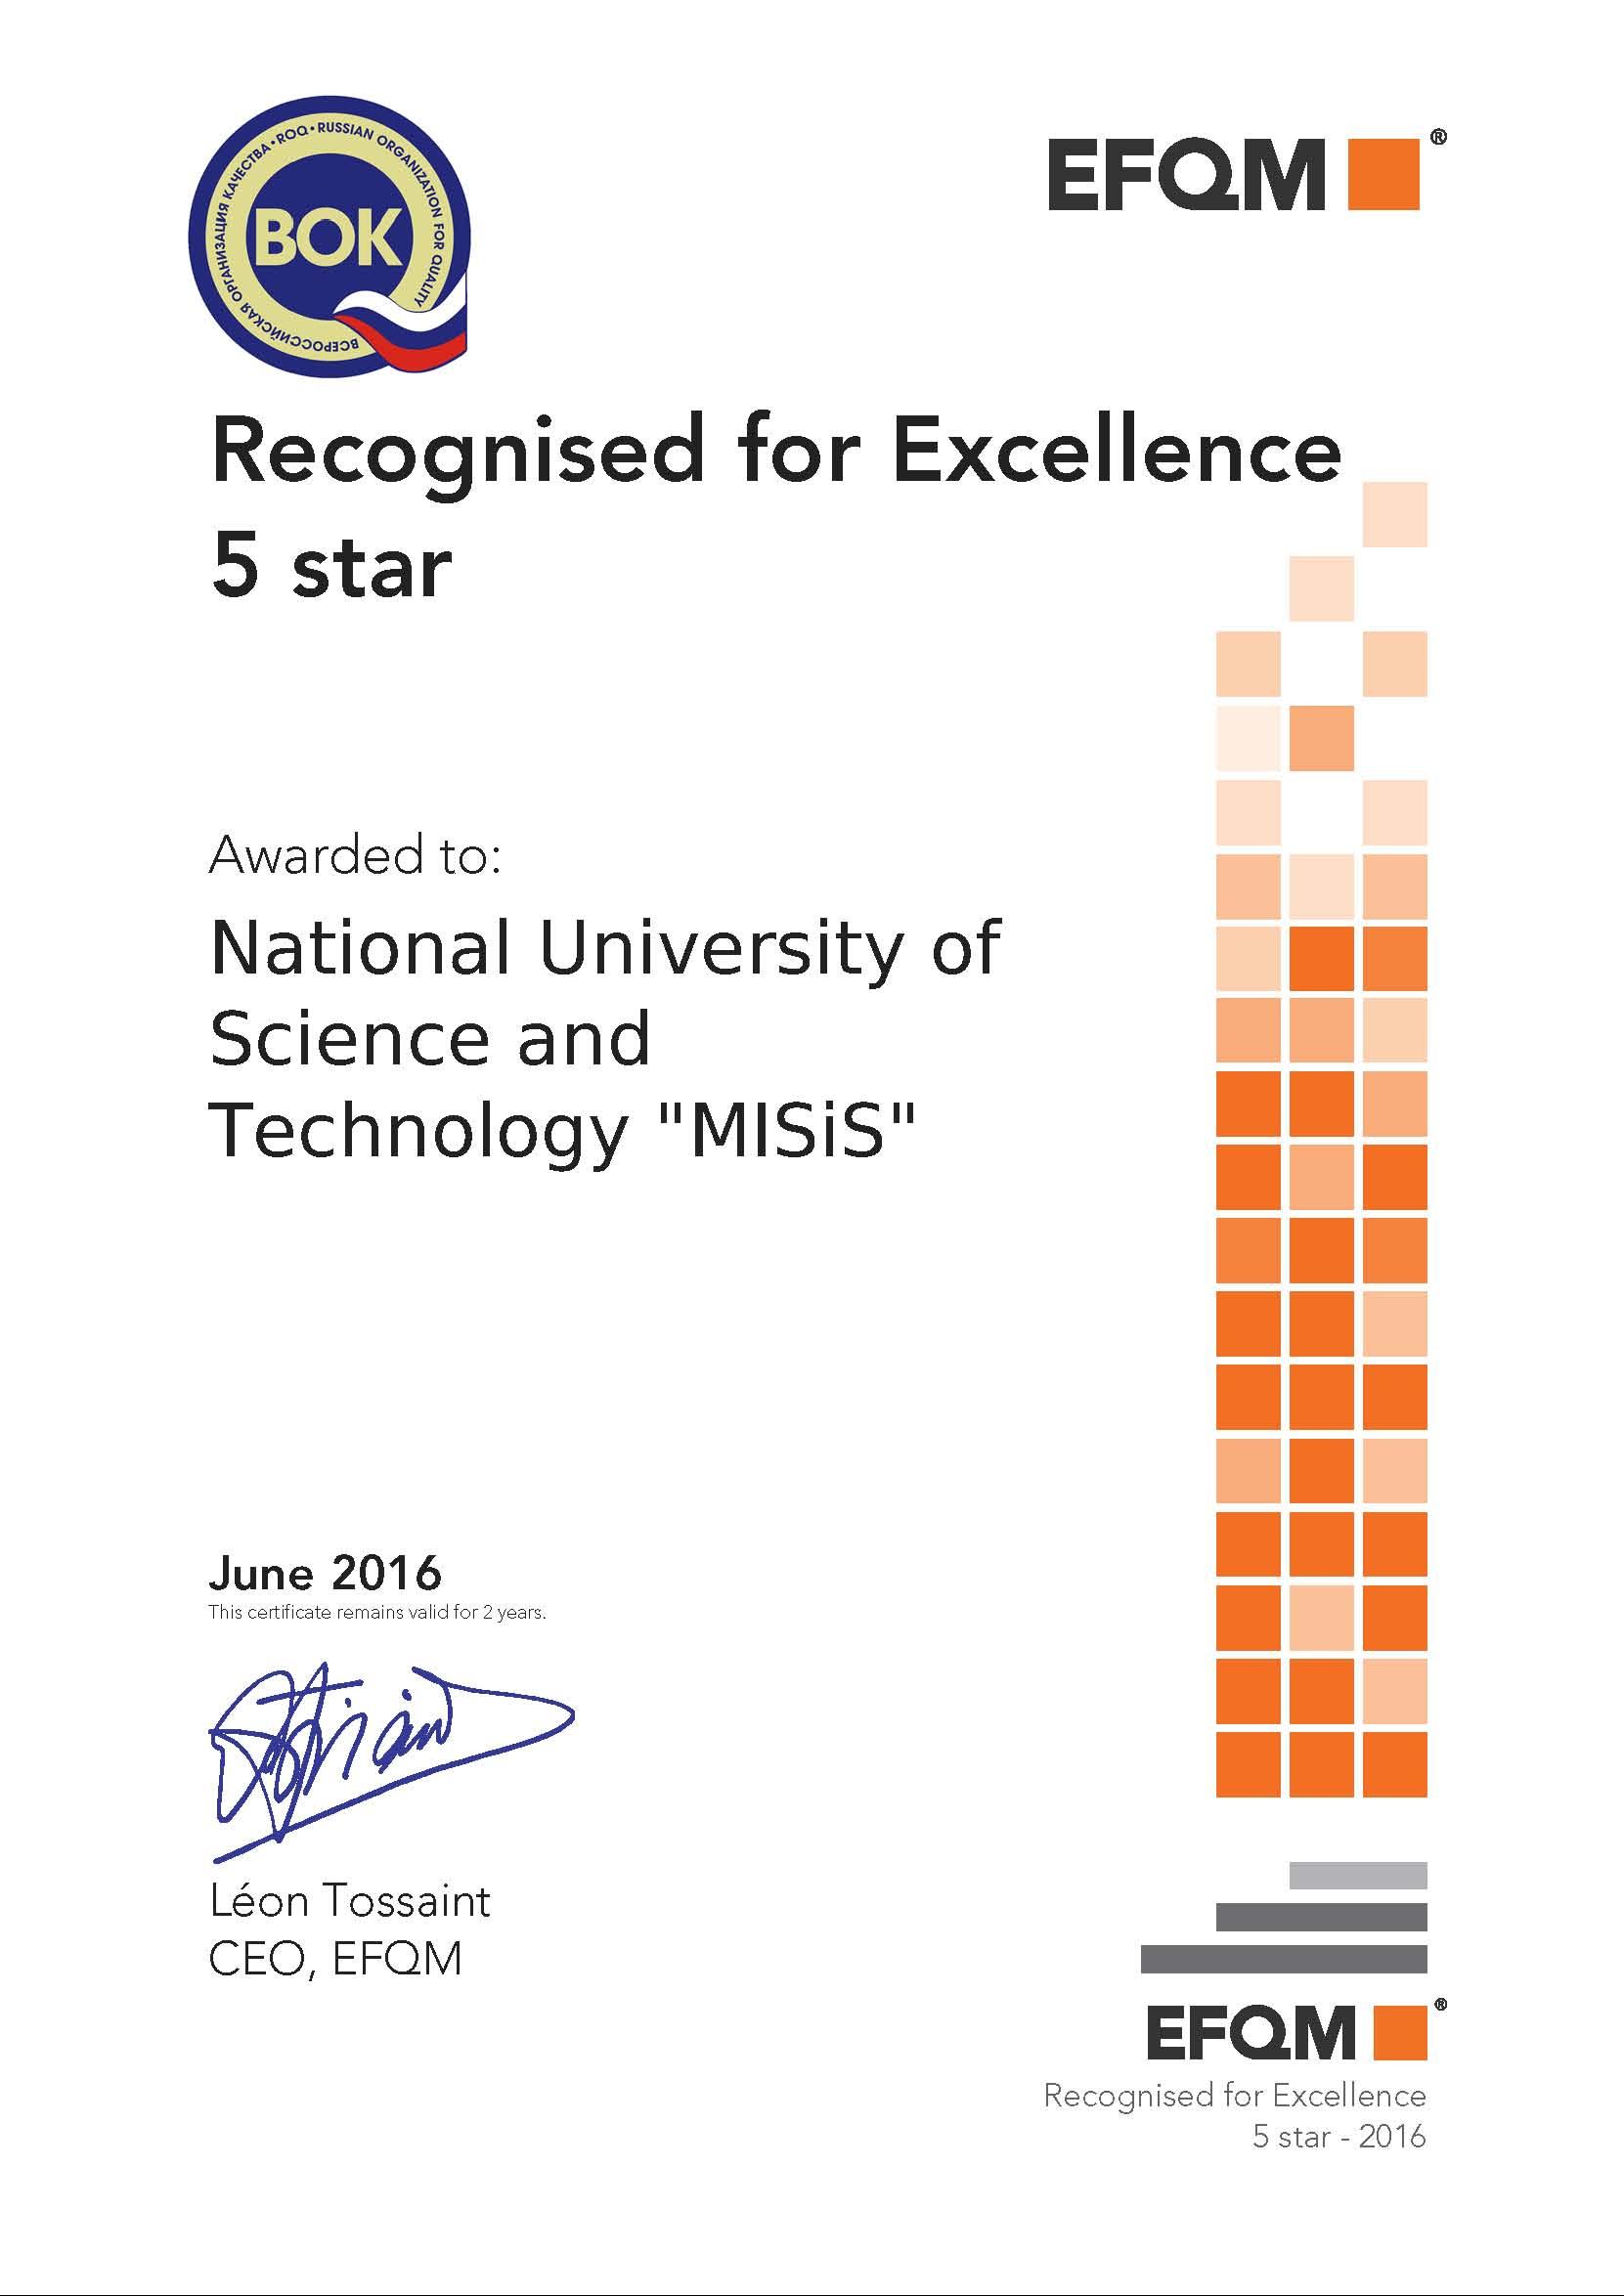 НИТУ МИСиС получил диплом Признанное совершенство от  НИТУ